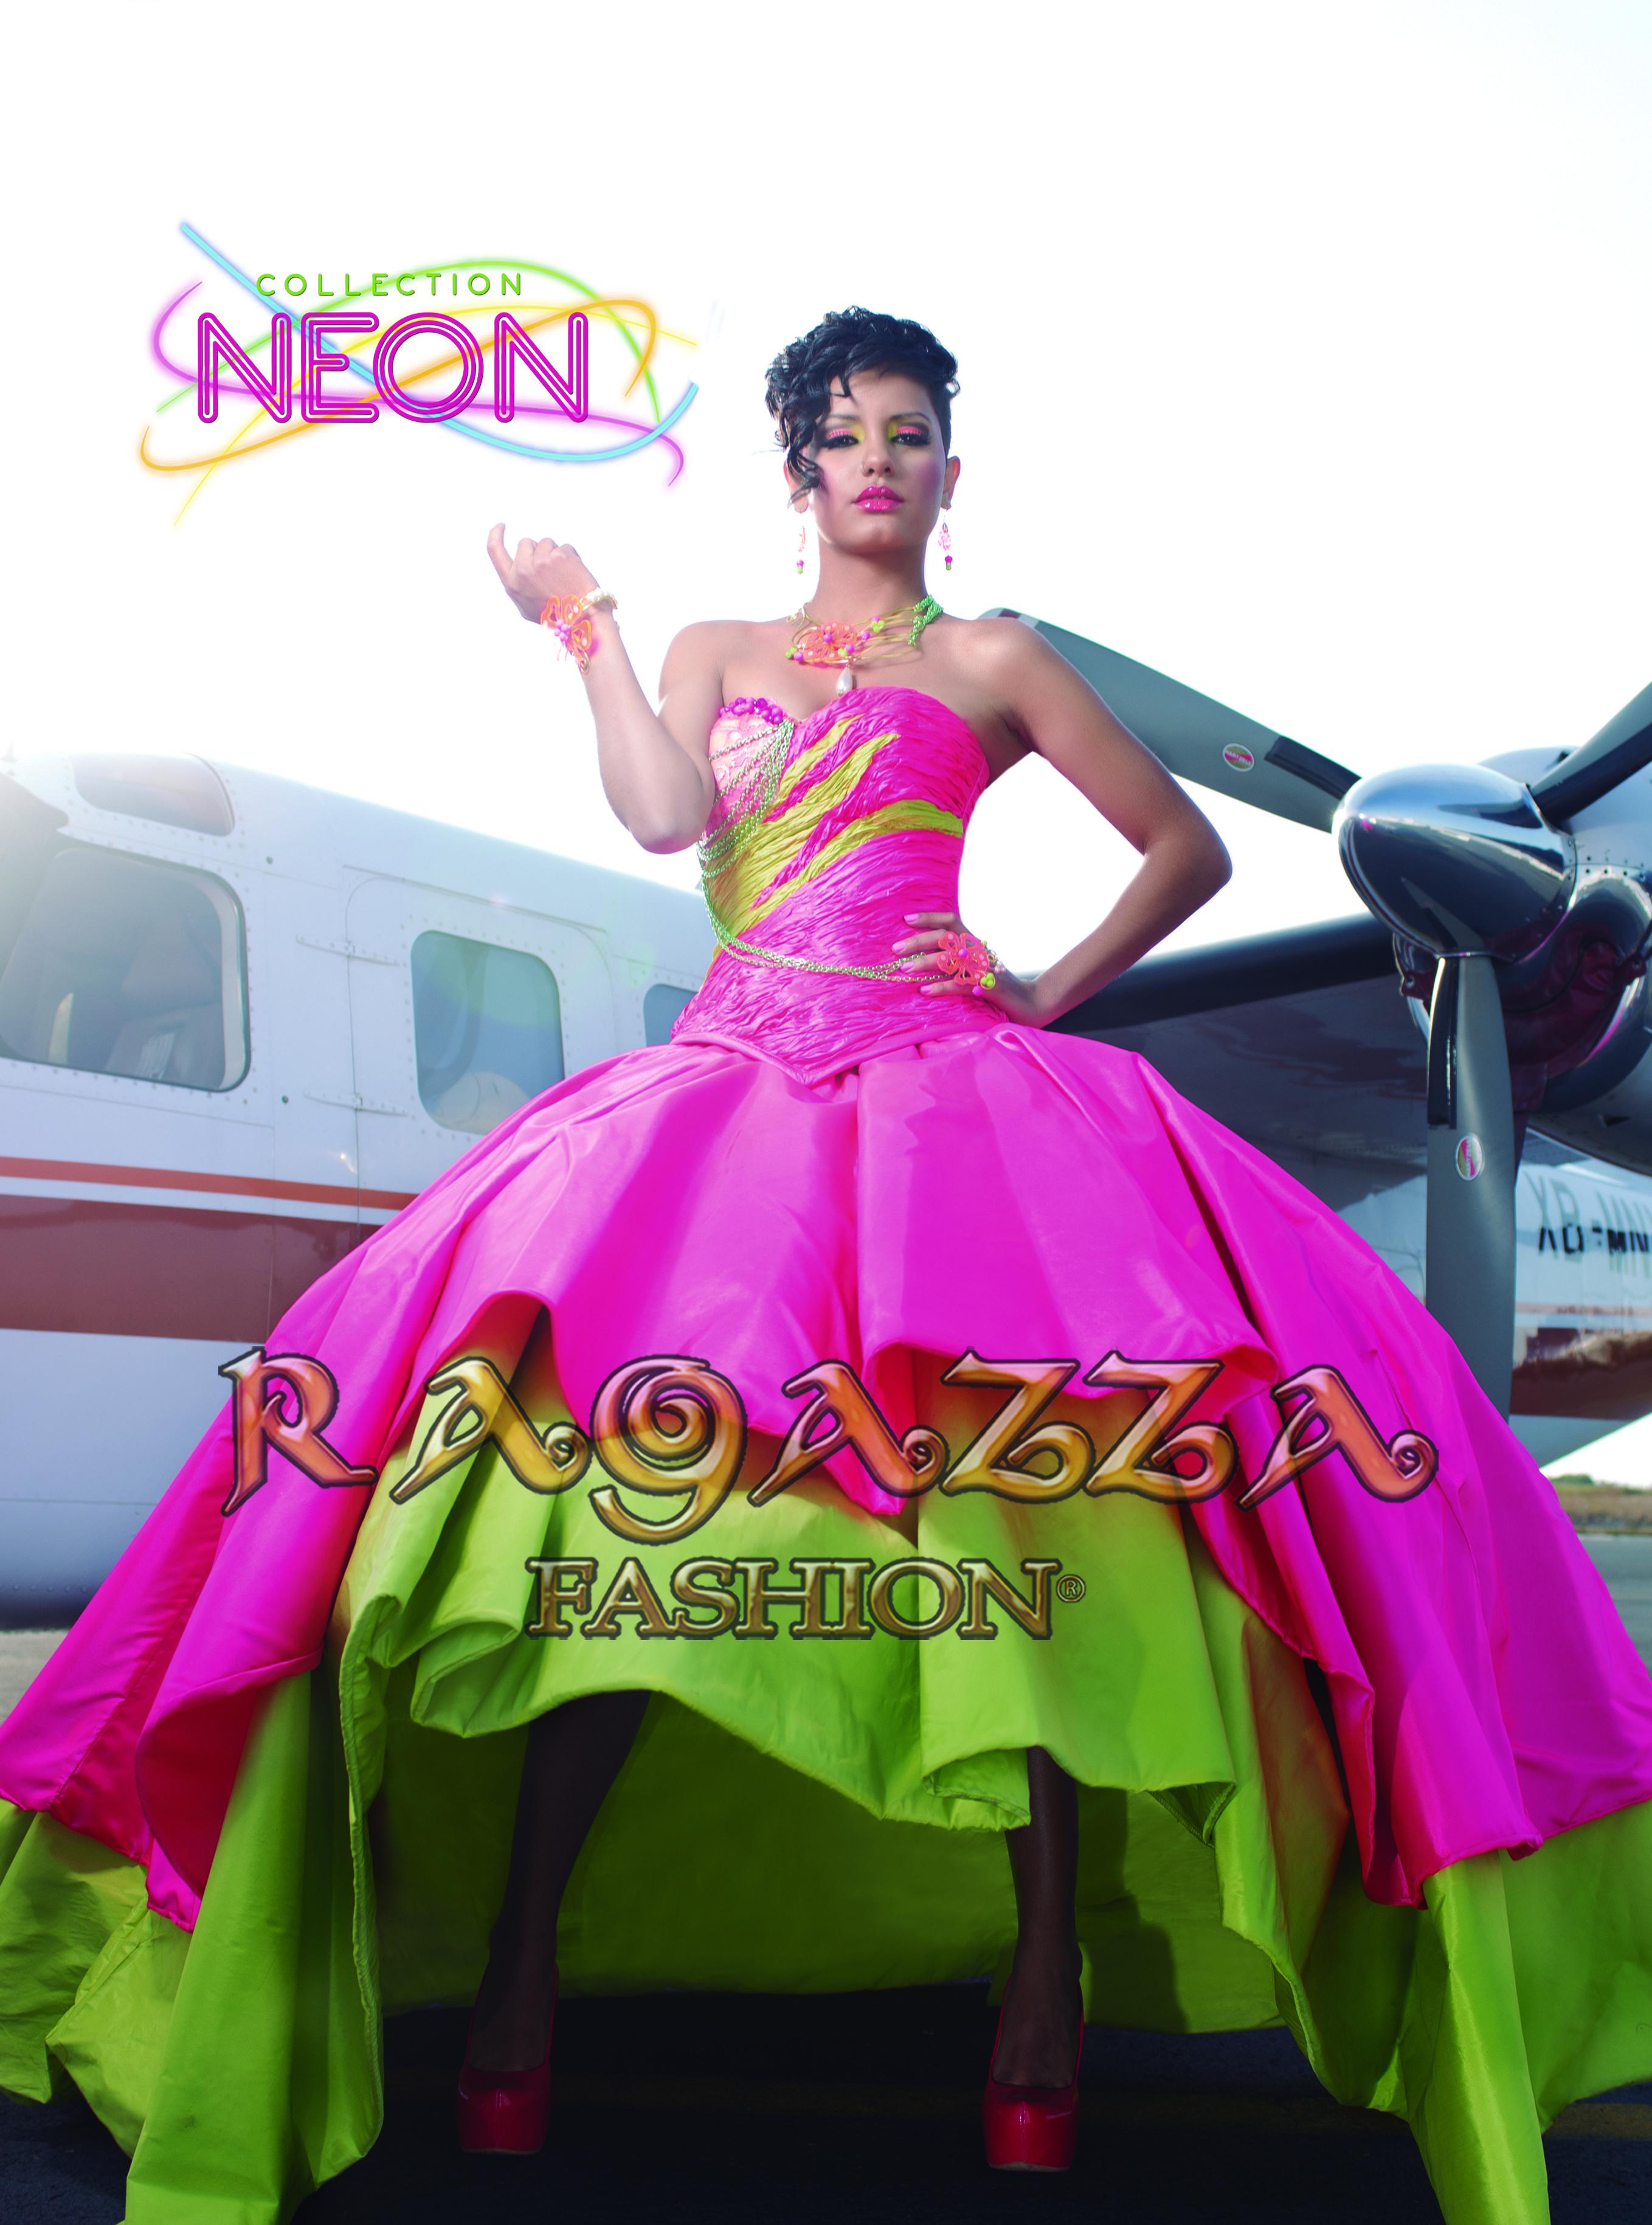 vestido Neon, Ragazza fashion | Vestidos de 15 años | Pinterest